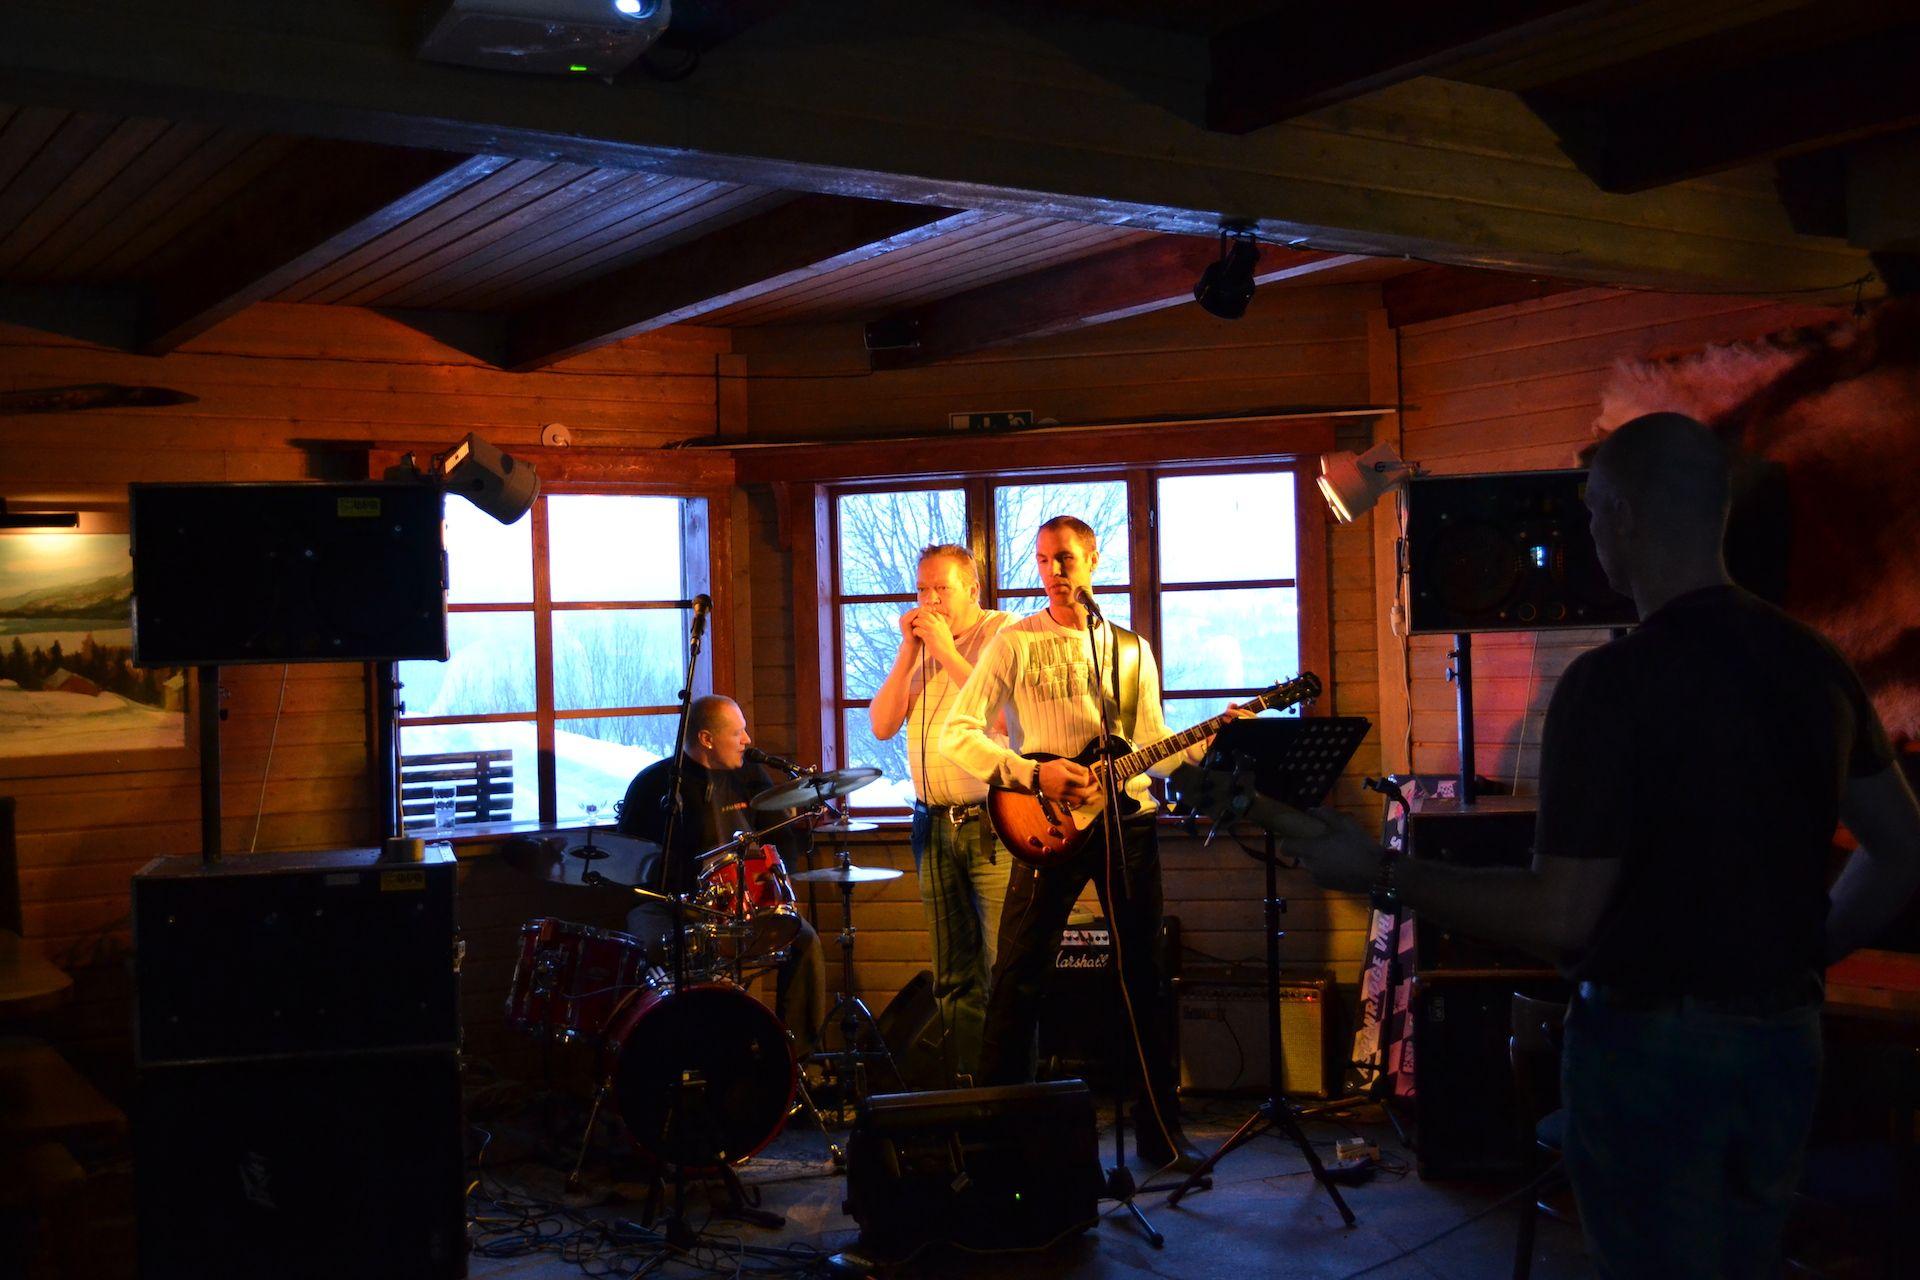 Bandet Basic på scen hos Åkersjöns Fjällhotell. Foto © flyttatillfjallen.se